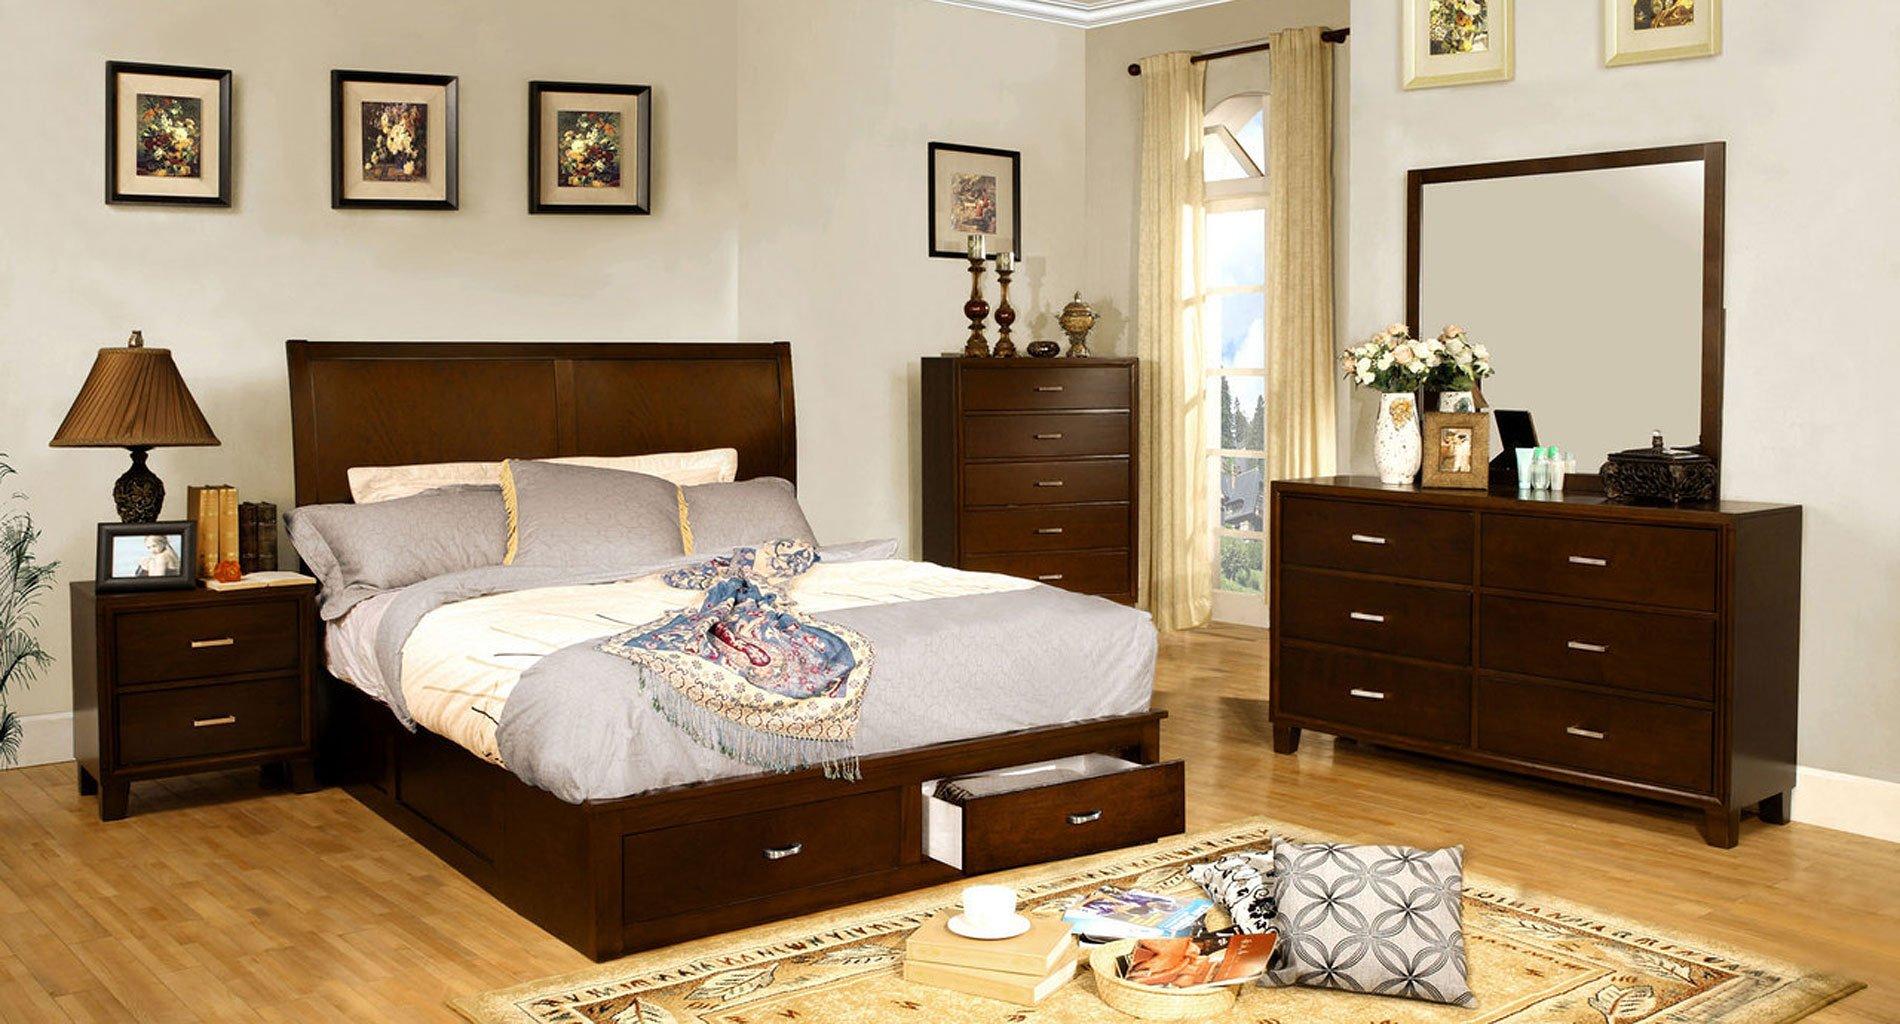 Enrico storage platform bedroom set brown cherry - Platform bedroom sets with storage ...